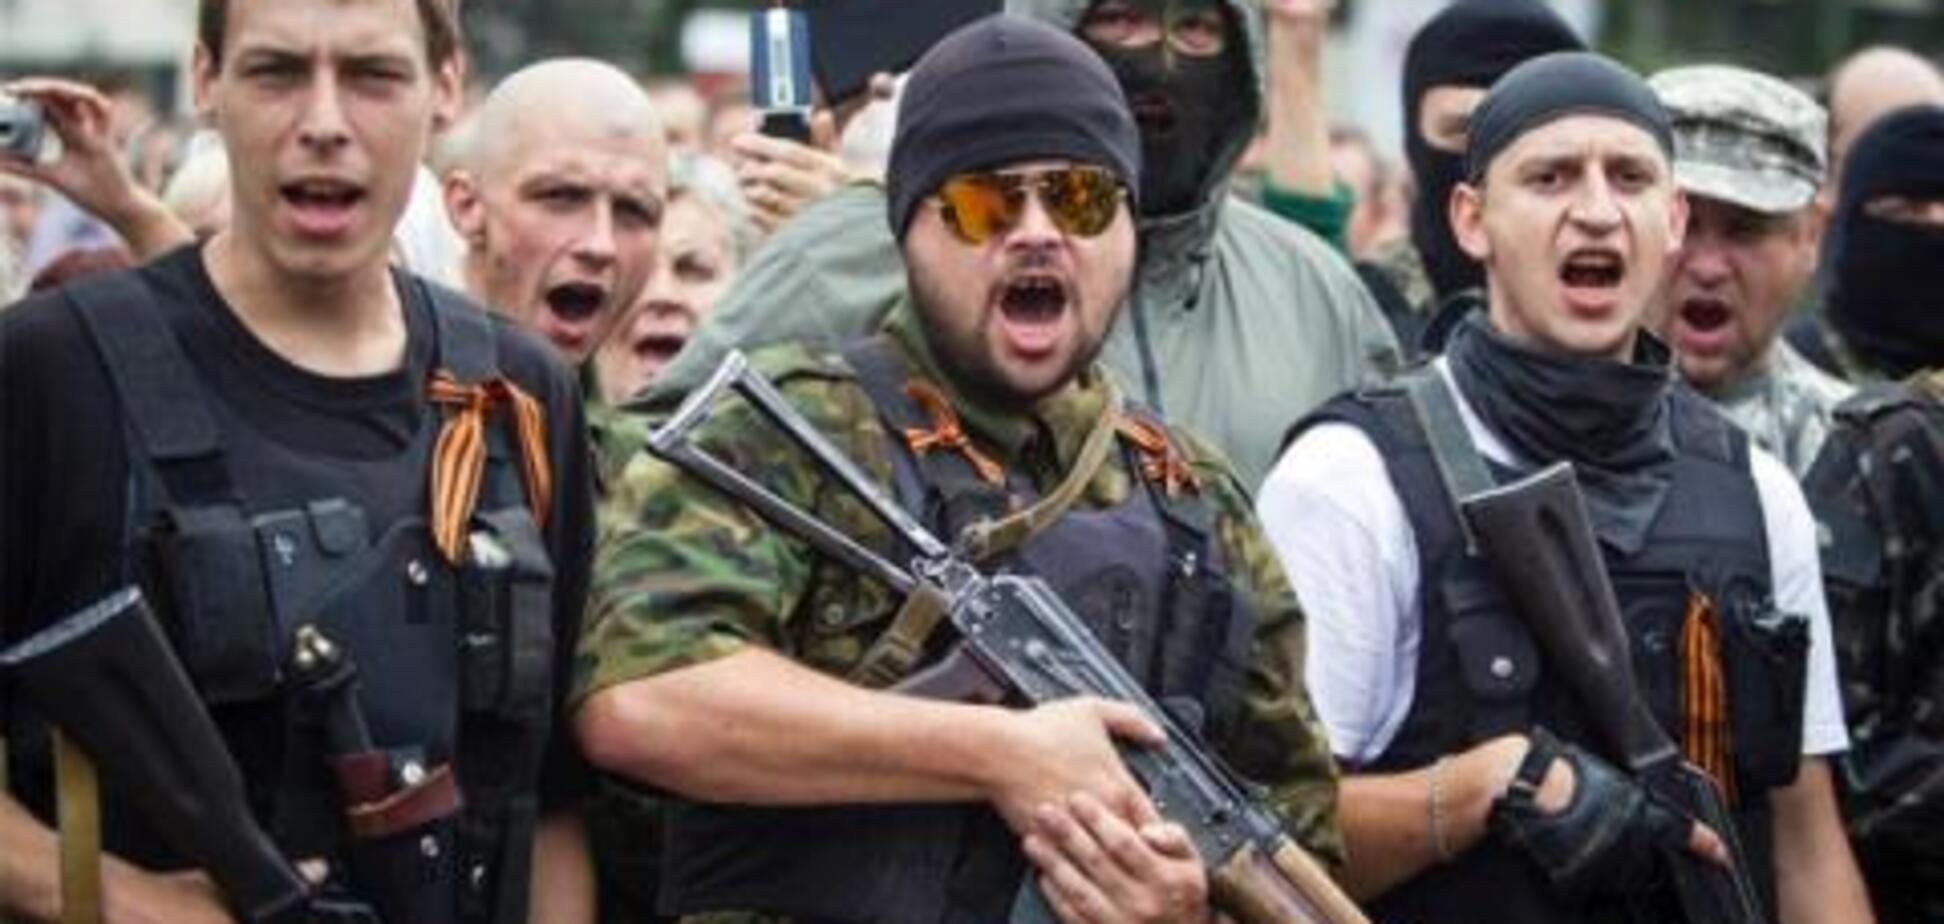 Обошла даже Россию: Украина попала в топ-20 стран по уровню терроризма